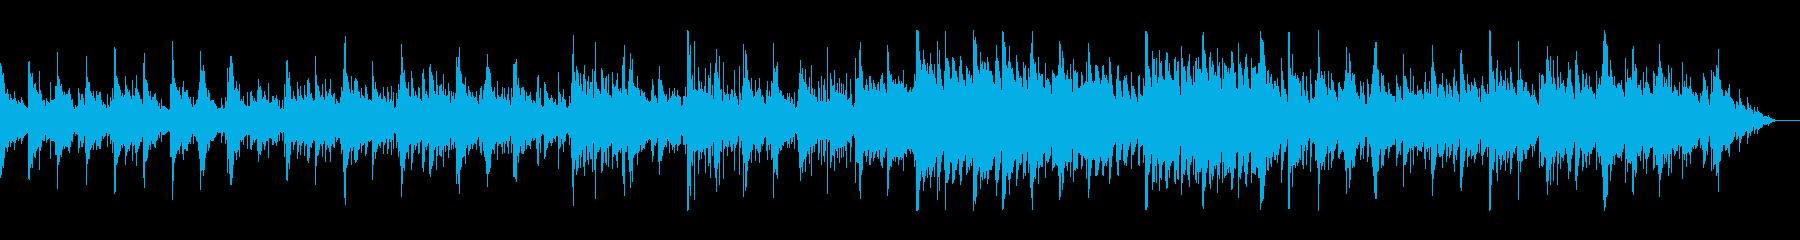 暗く陰鬱なギターアンビエントの再生済みの波形